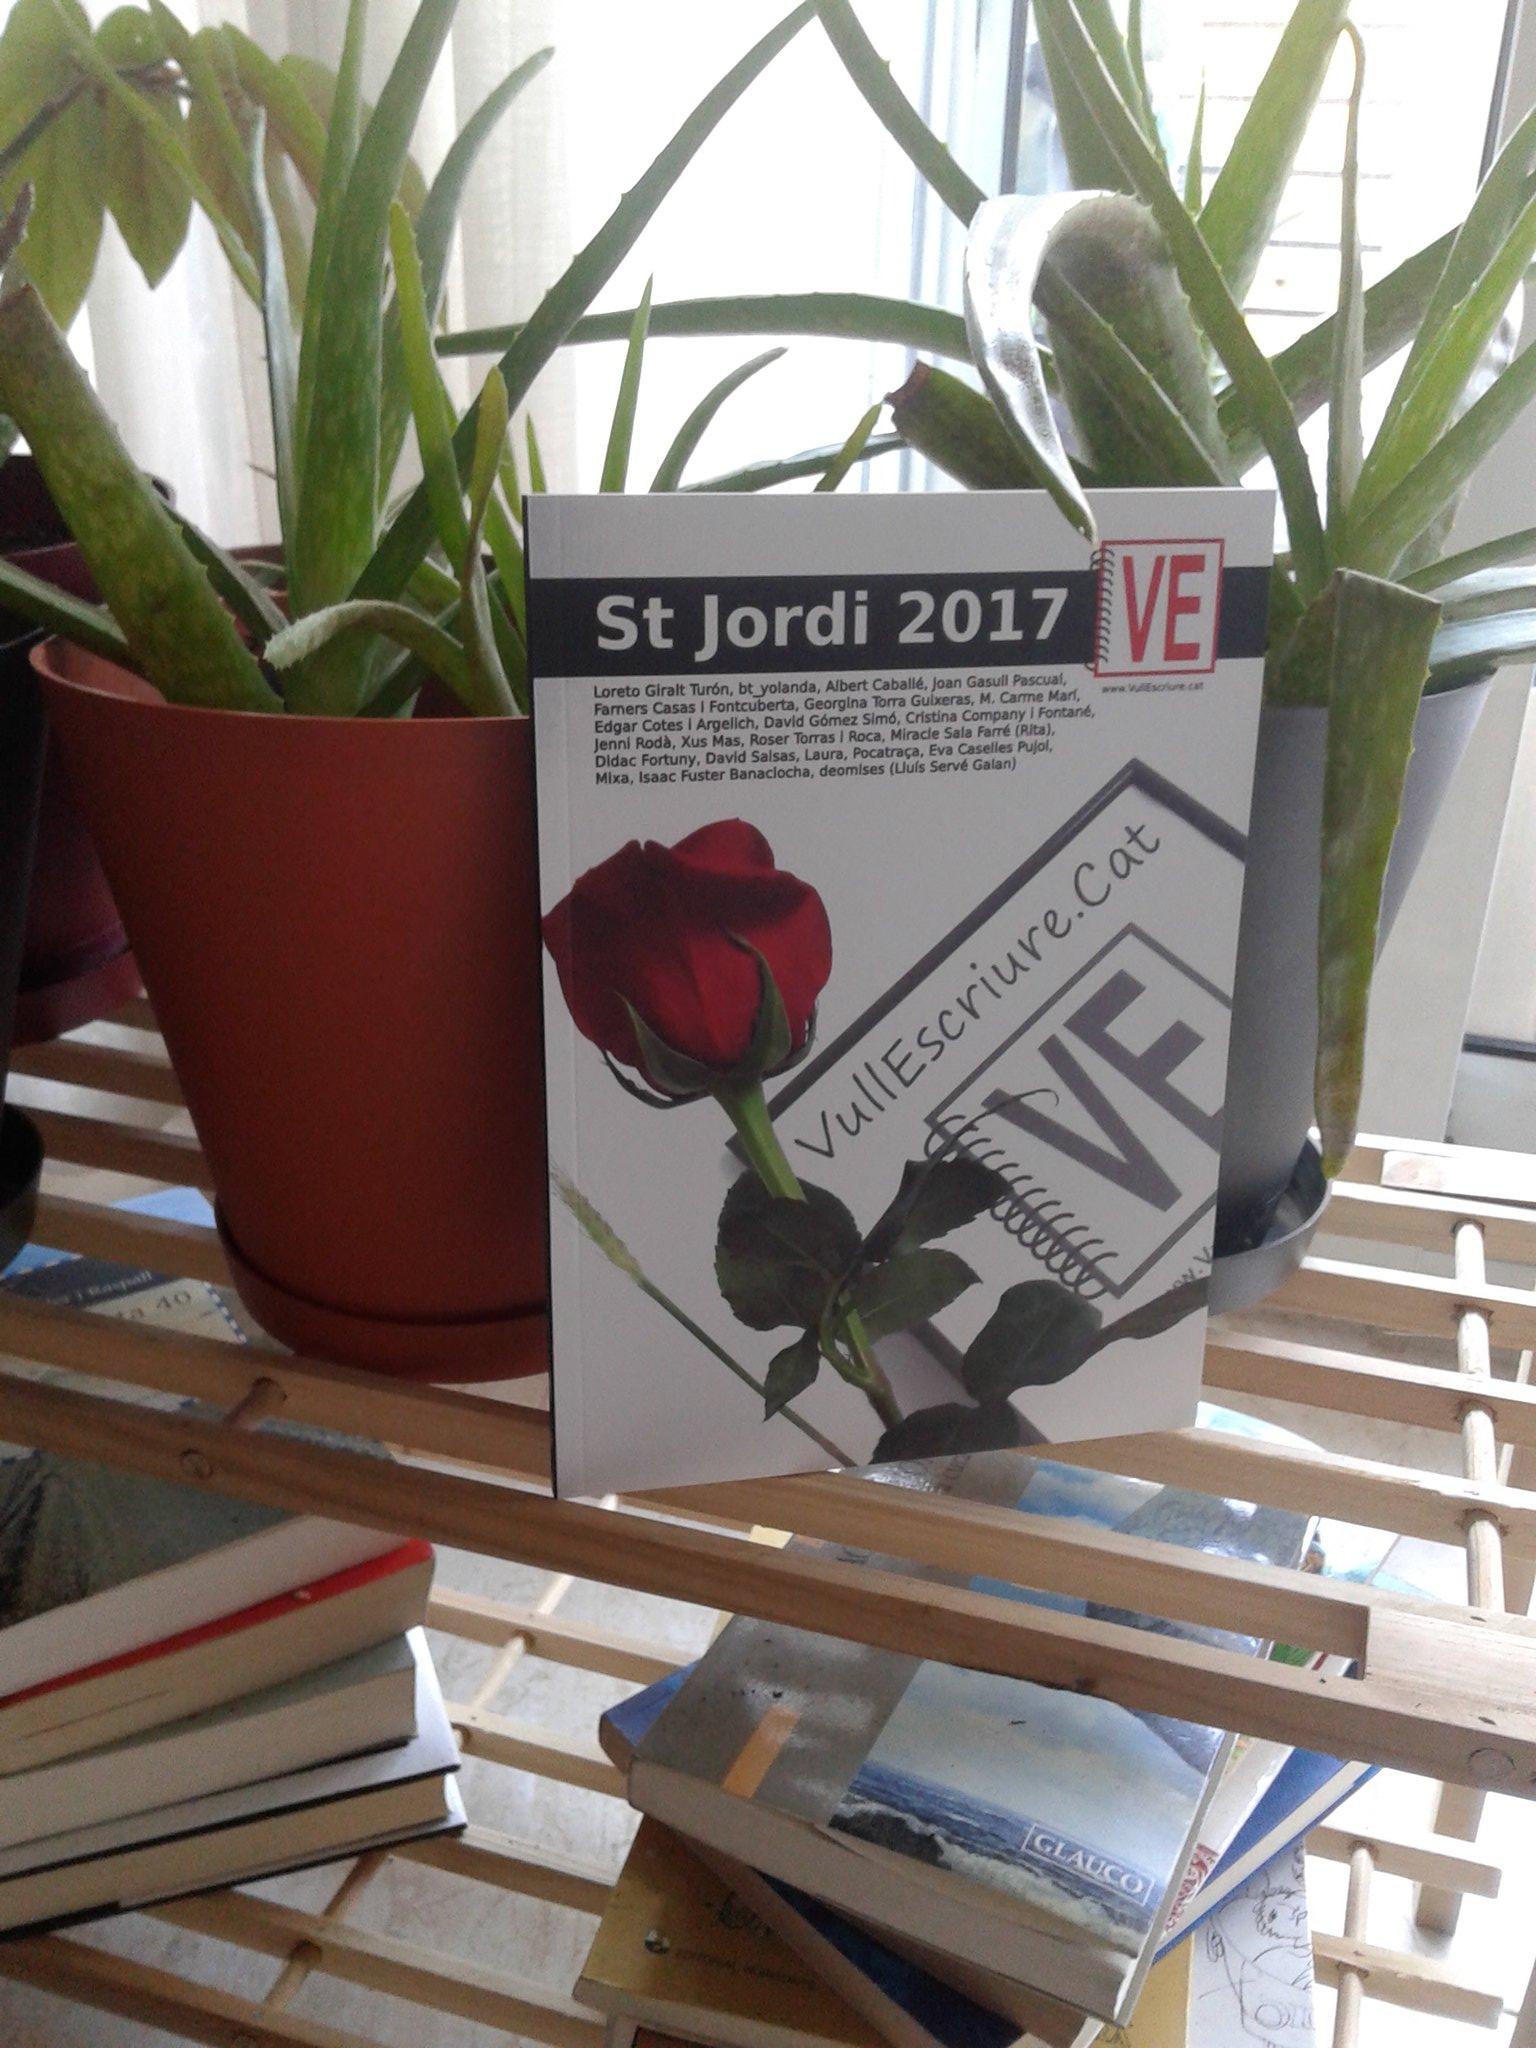 Un llibre perquè hi floreixin les paraules! Felicitats @TereSM_  i tots els escriptors de @VullEscriure https://t.co/RuiZ4v0AYQ